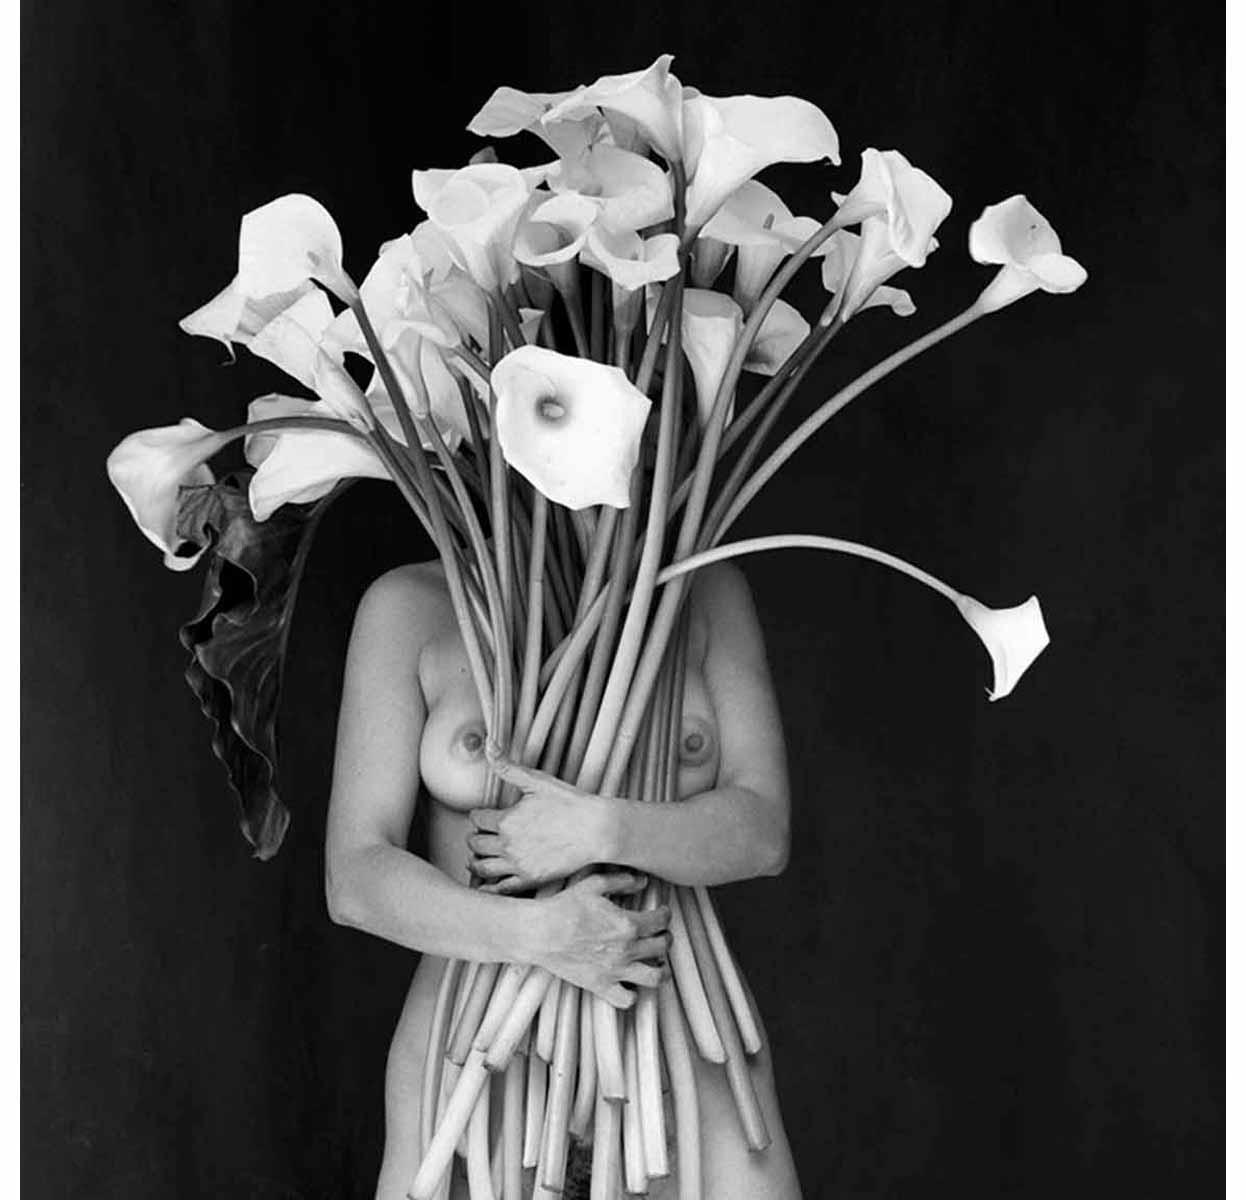 Flor Garduno